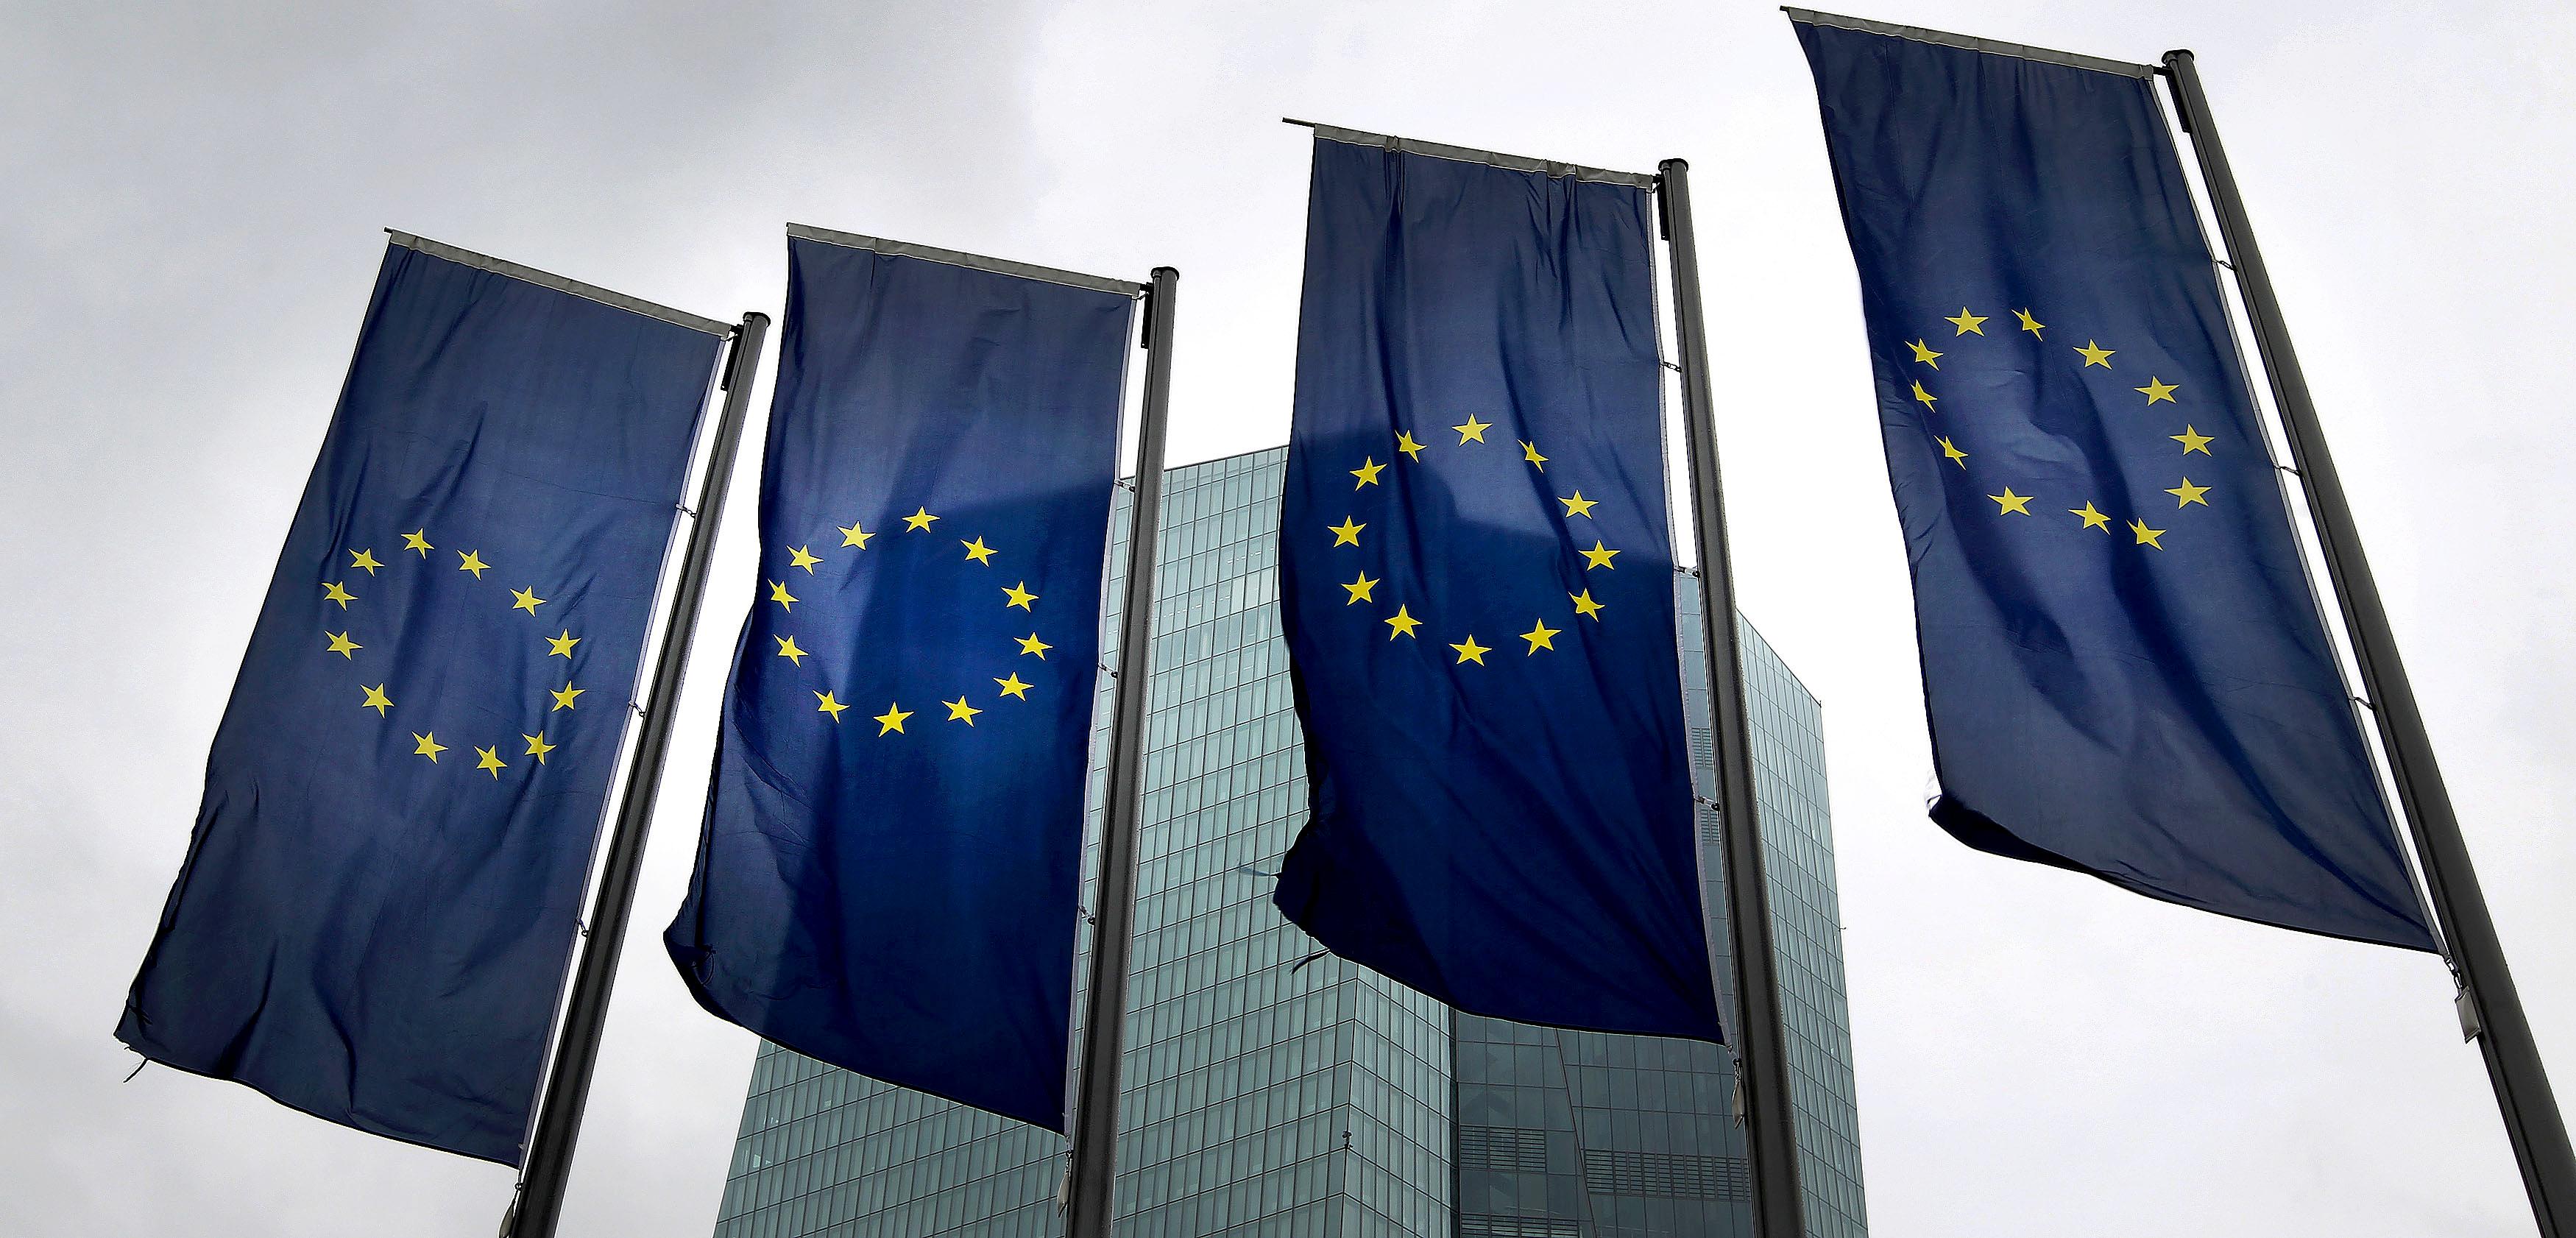 2020 – Magyarország ismét győzelmet aratott a brüsszeli birodalmi törekvések felett